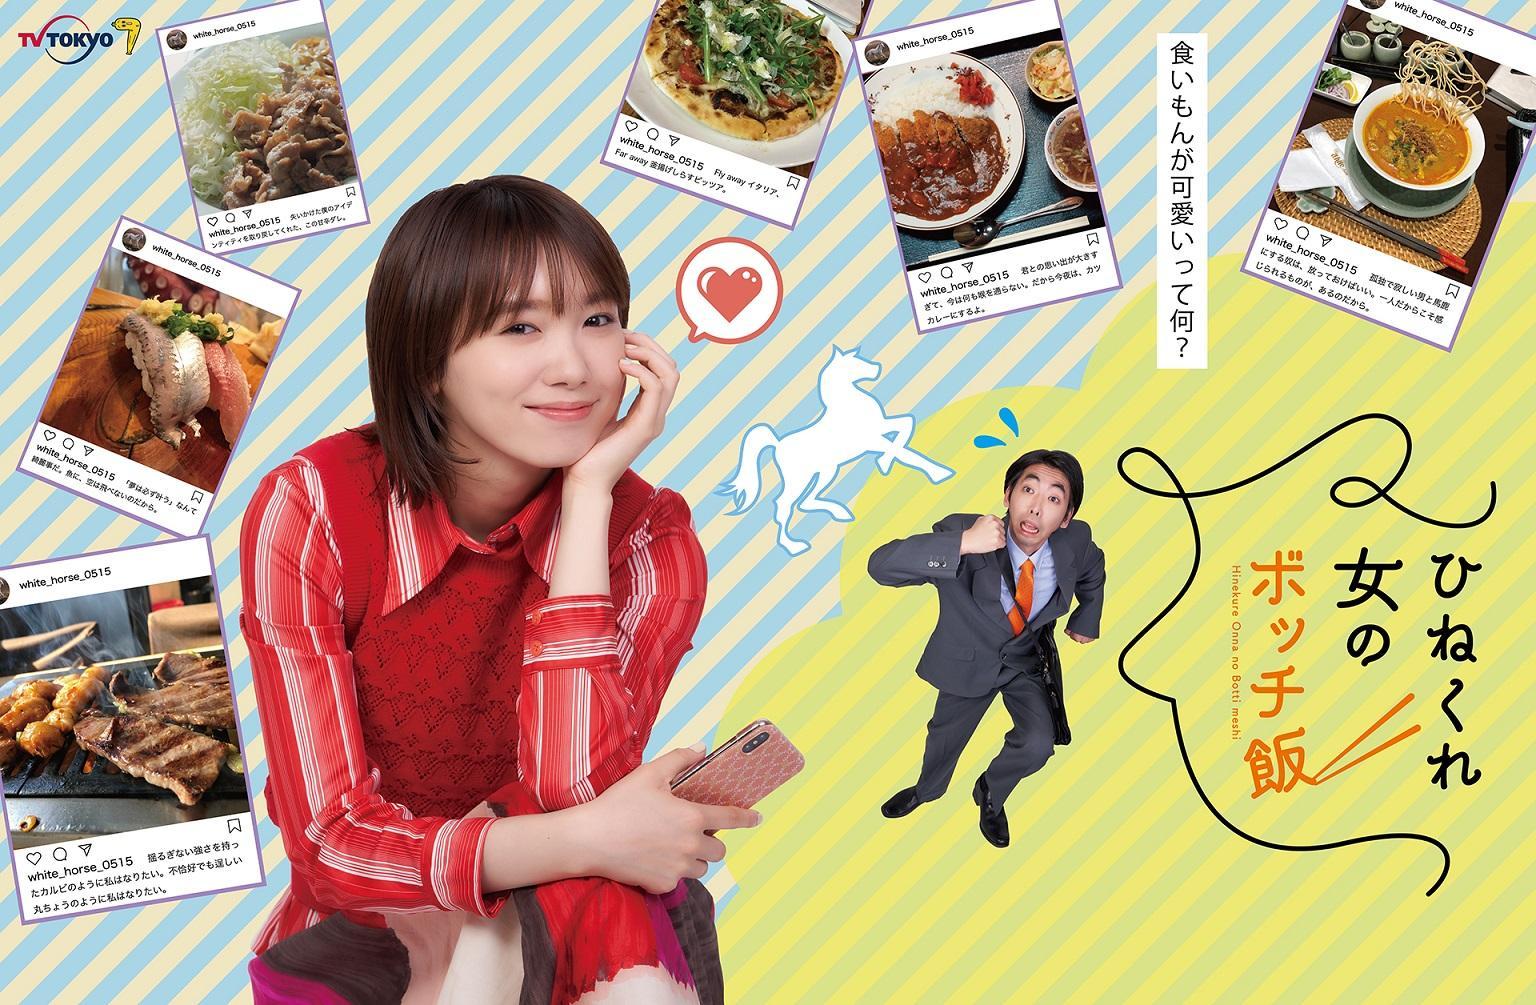 7月1日(木)から『ひねくれ女のボッチ飯』が地上波放送スタート!初回は1話・2話を一挙放送します!そして!本作のポスタービジュアルも解禁!